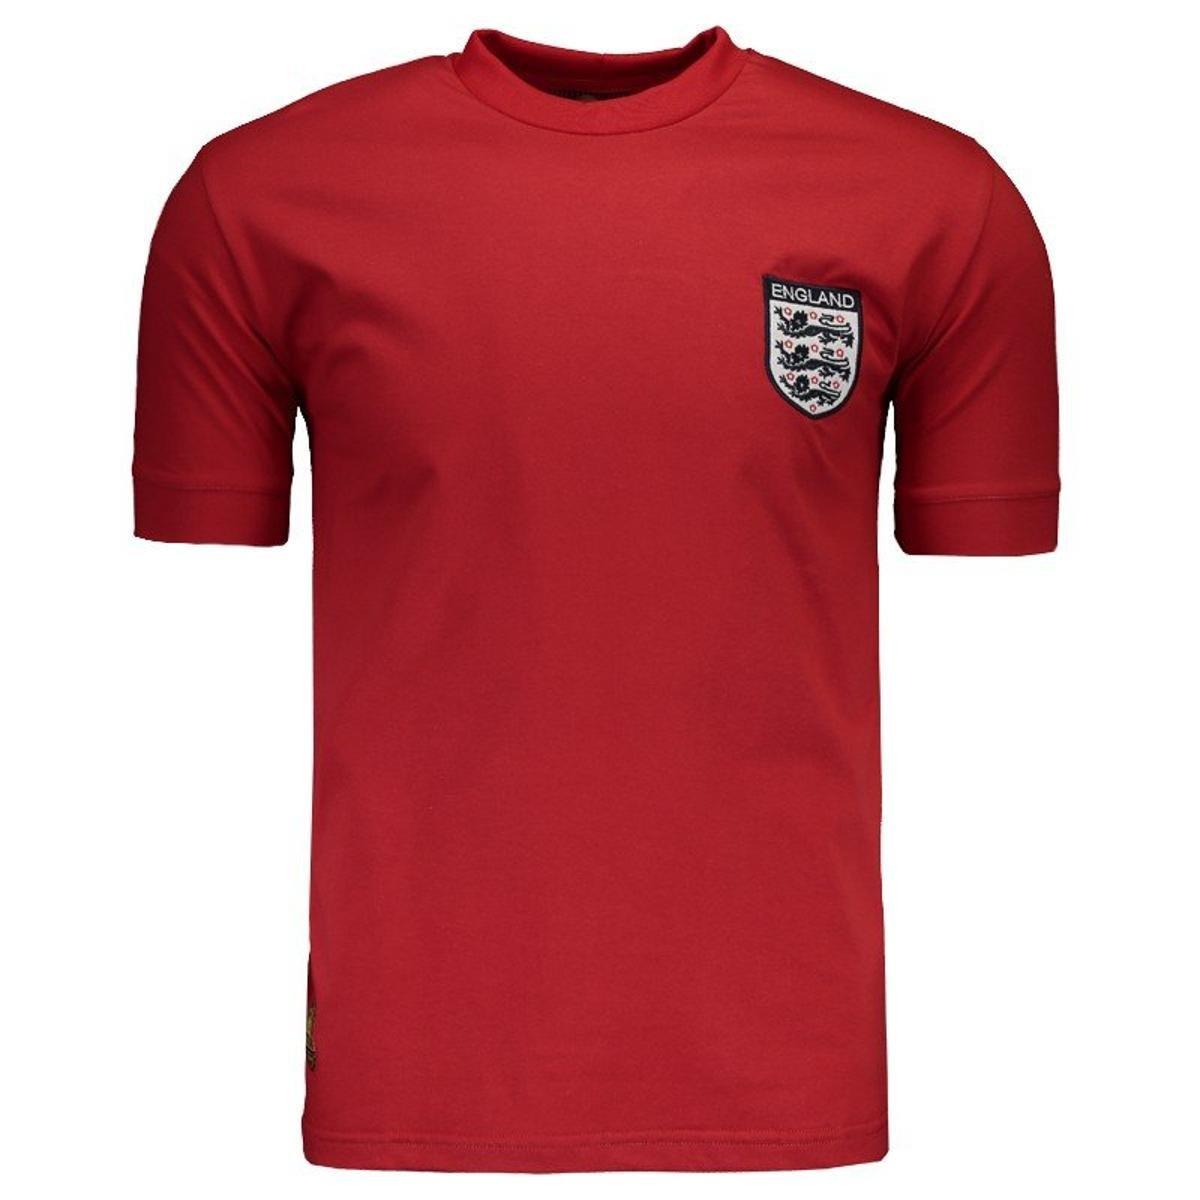 2a0518f3fd Camisa Inglaterra Retrô N° 9 Masculina - Vermelho - Compre Agora ...